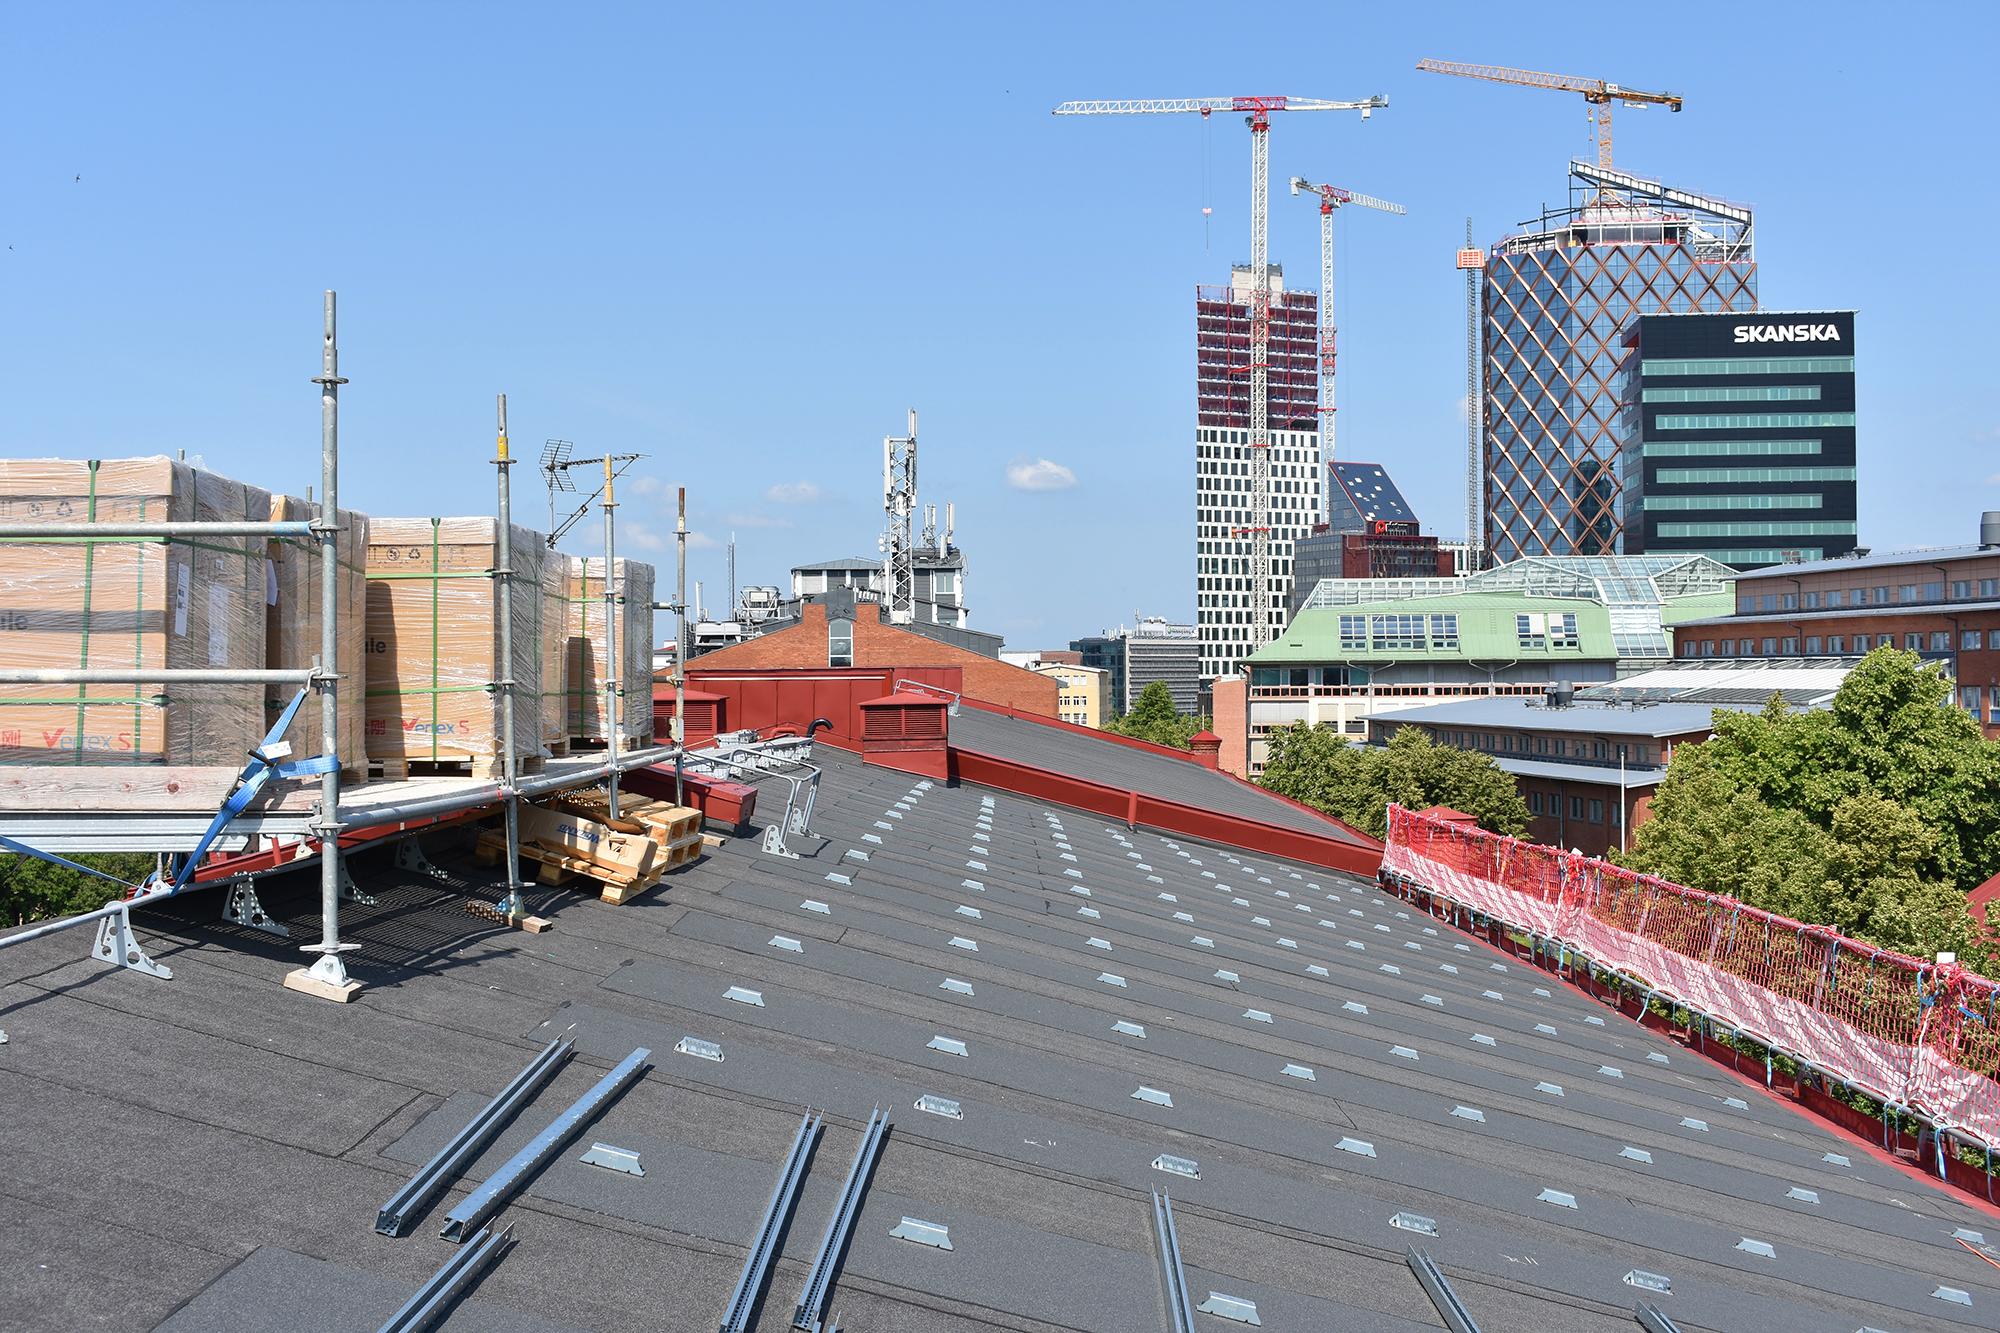 Utsikt från tak på Åvägen 17 mot andra nybyggnationer i Gårda.